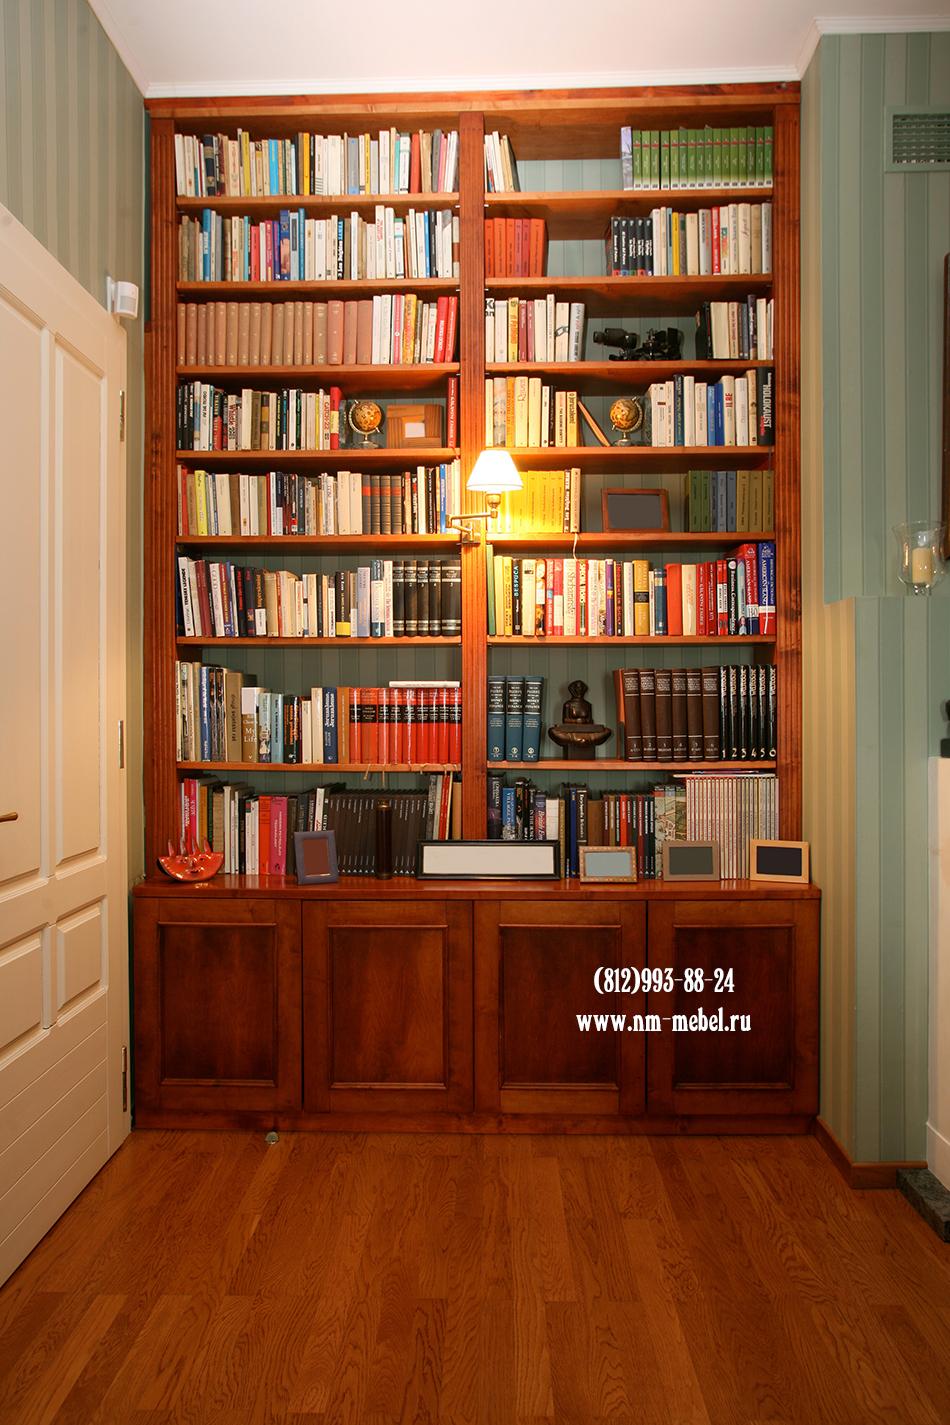 Фотогалерея мебели. каталог шкафов санкт-петербурга: книжные.